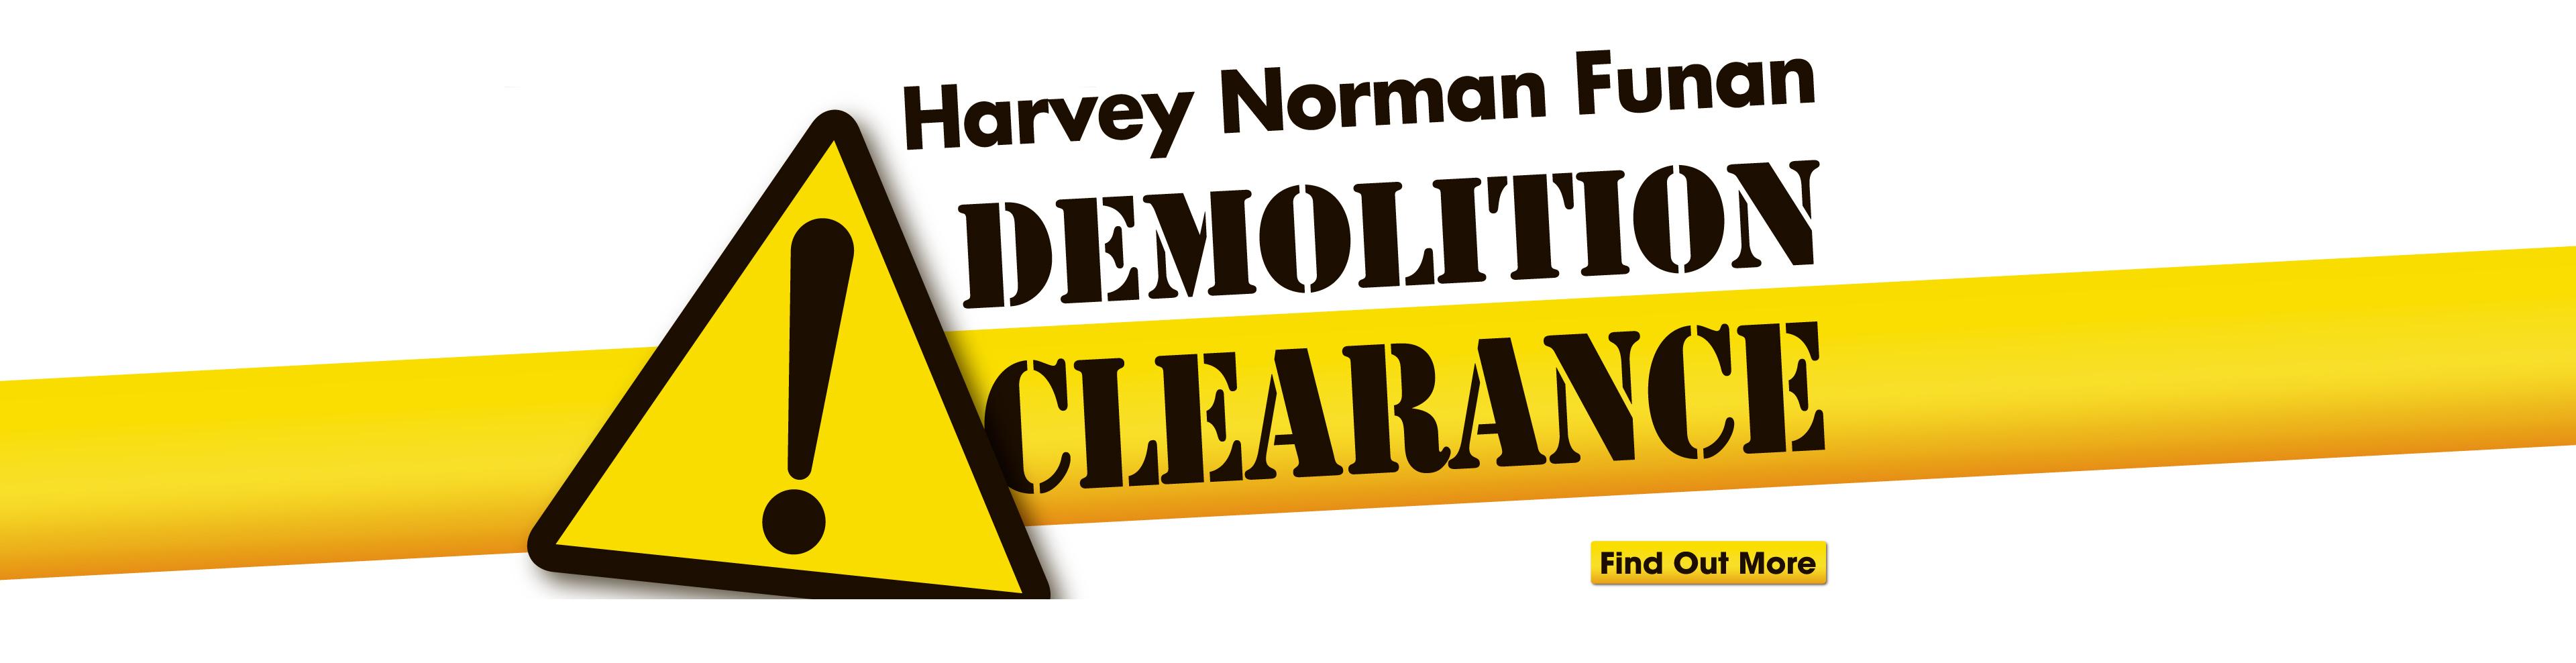 Funan Demolition Clearance